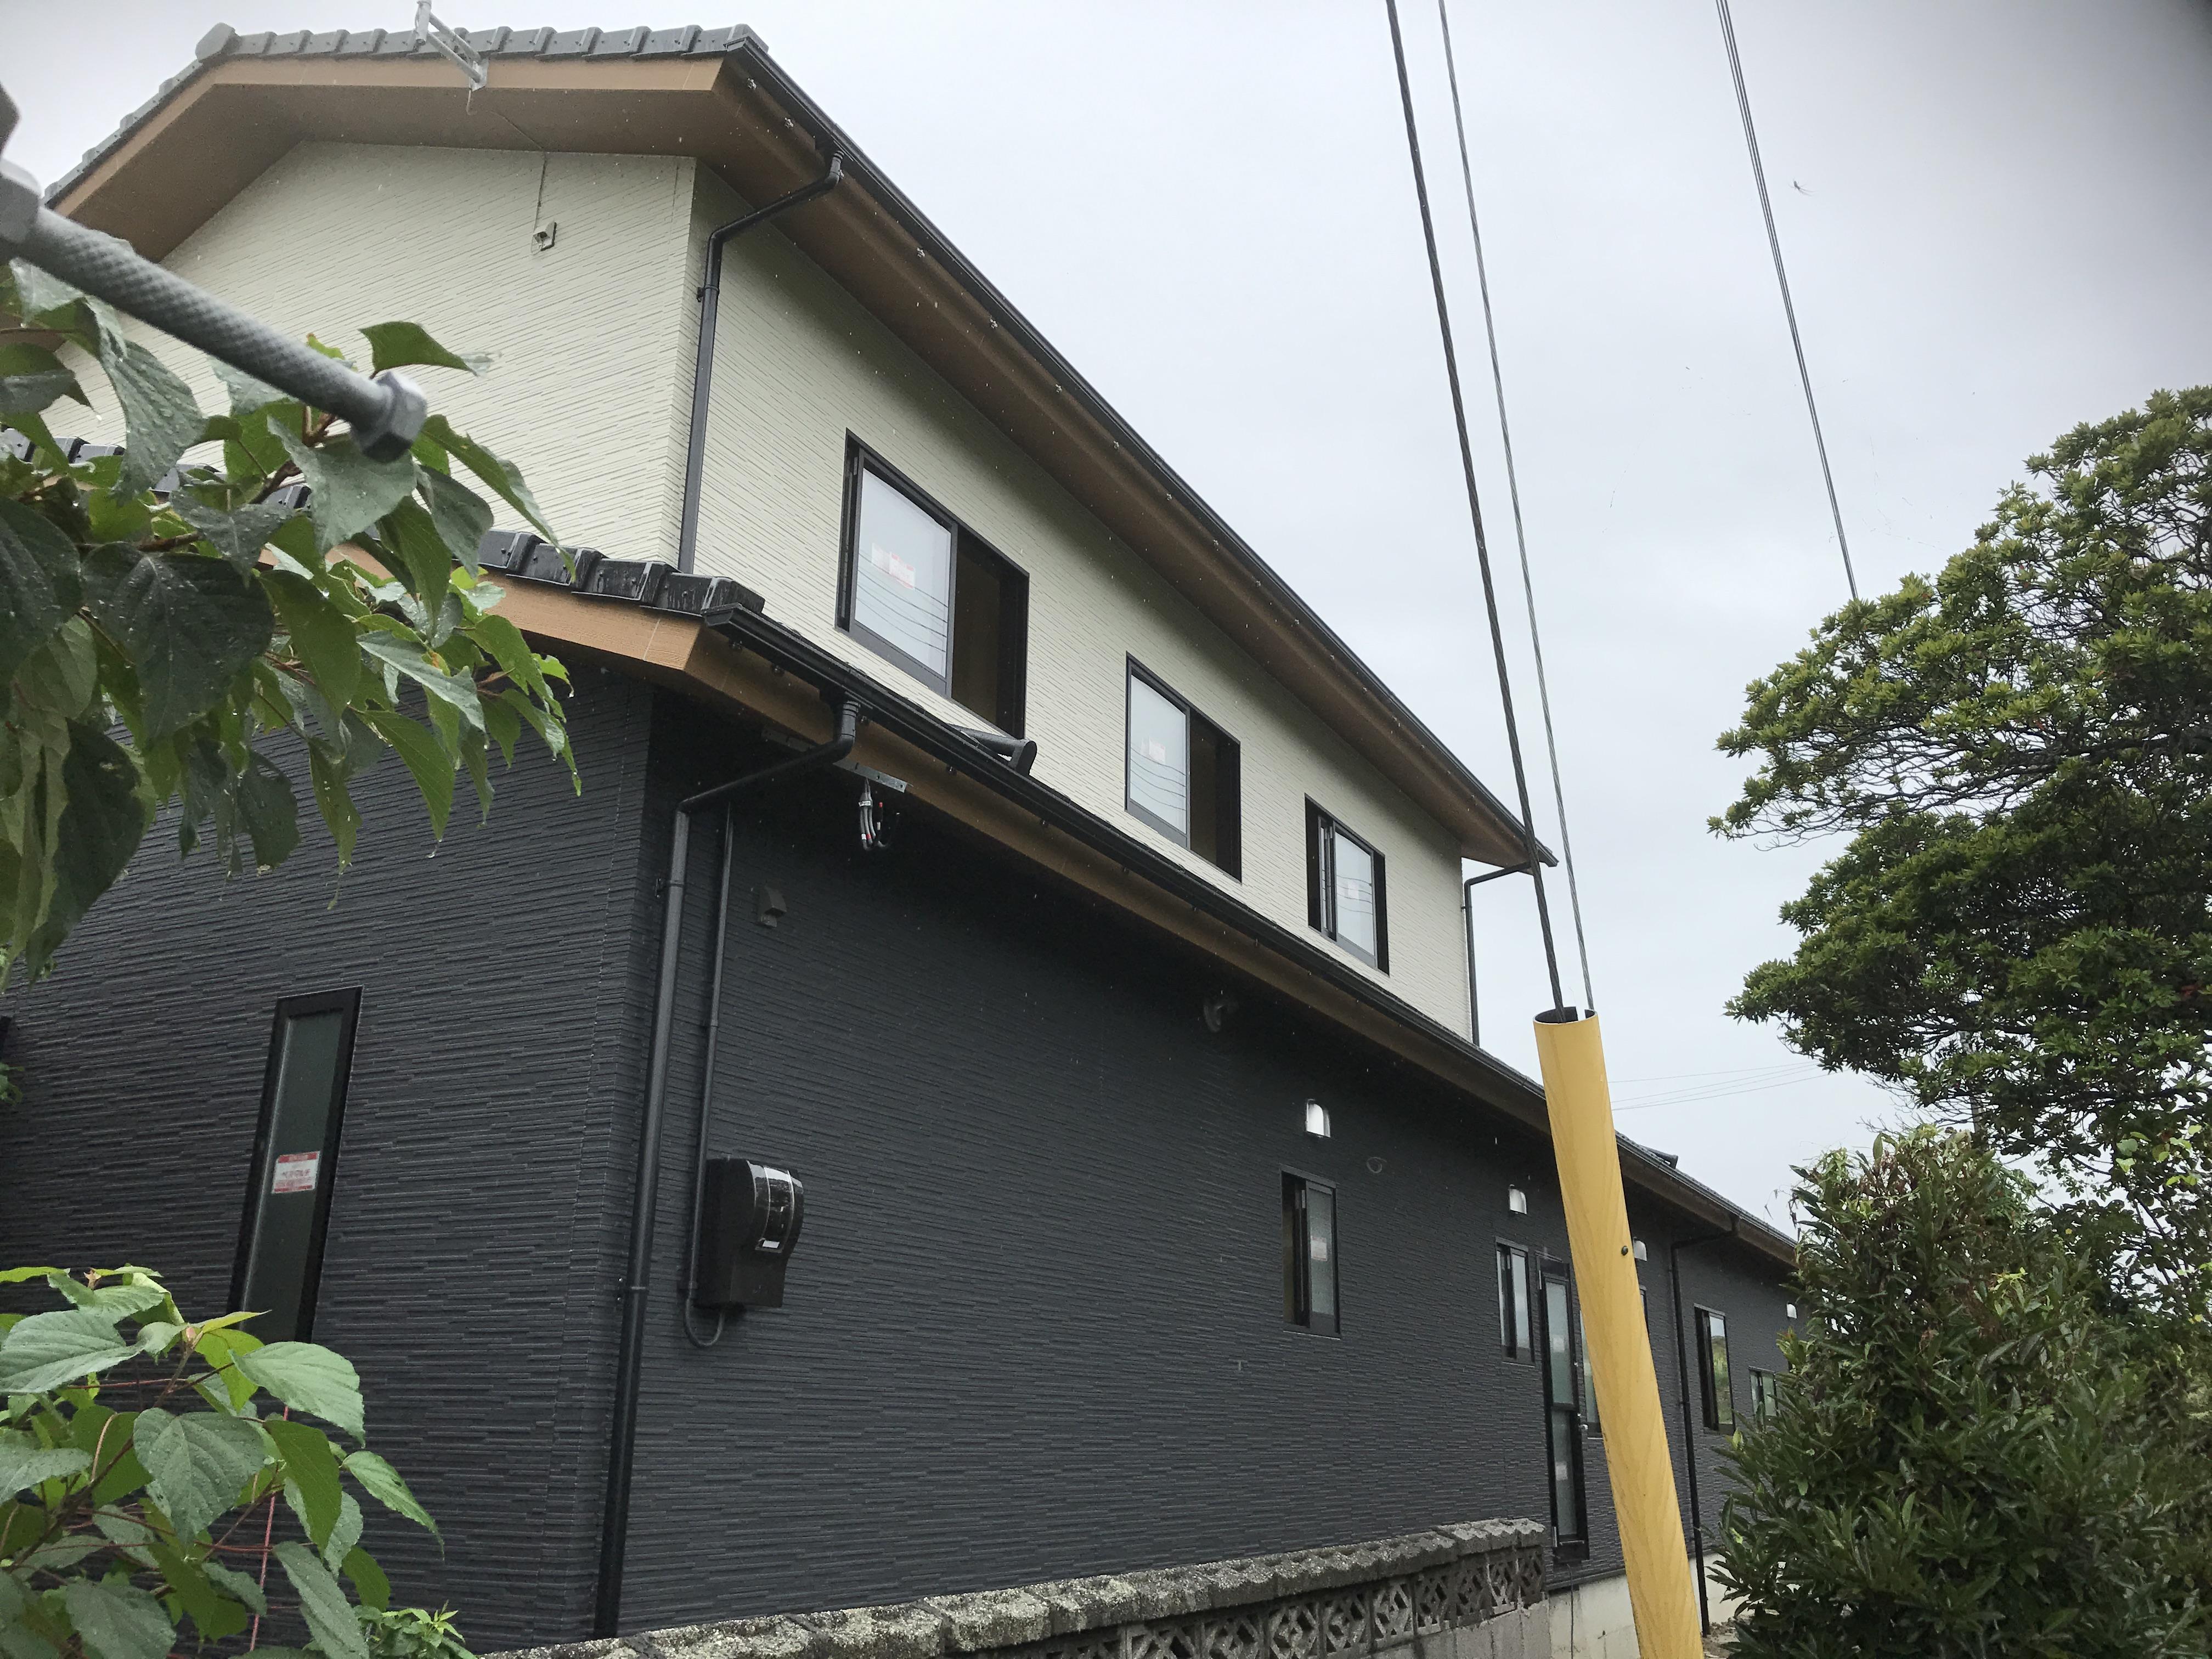 西条市で住宅の外観写真